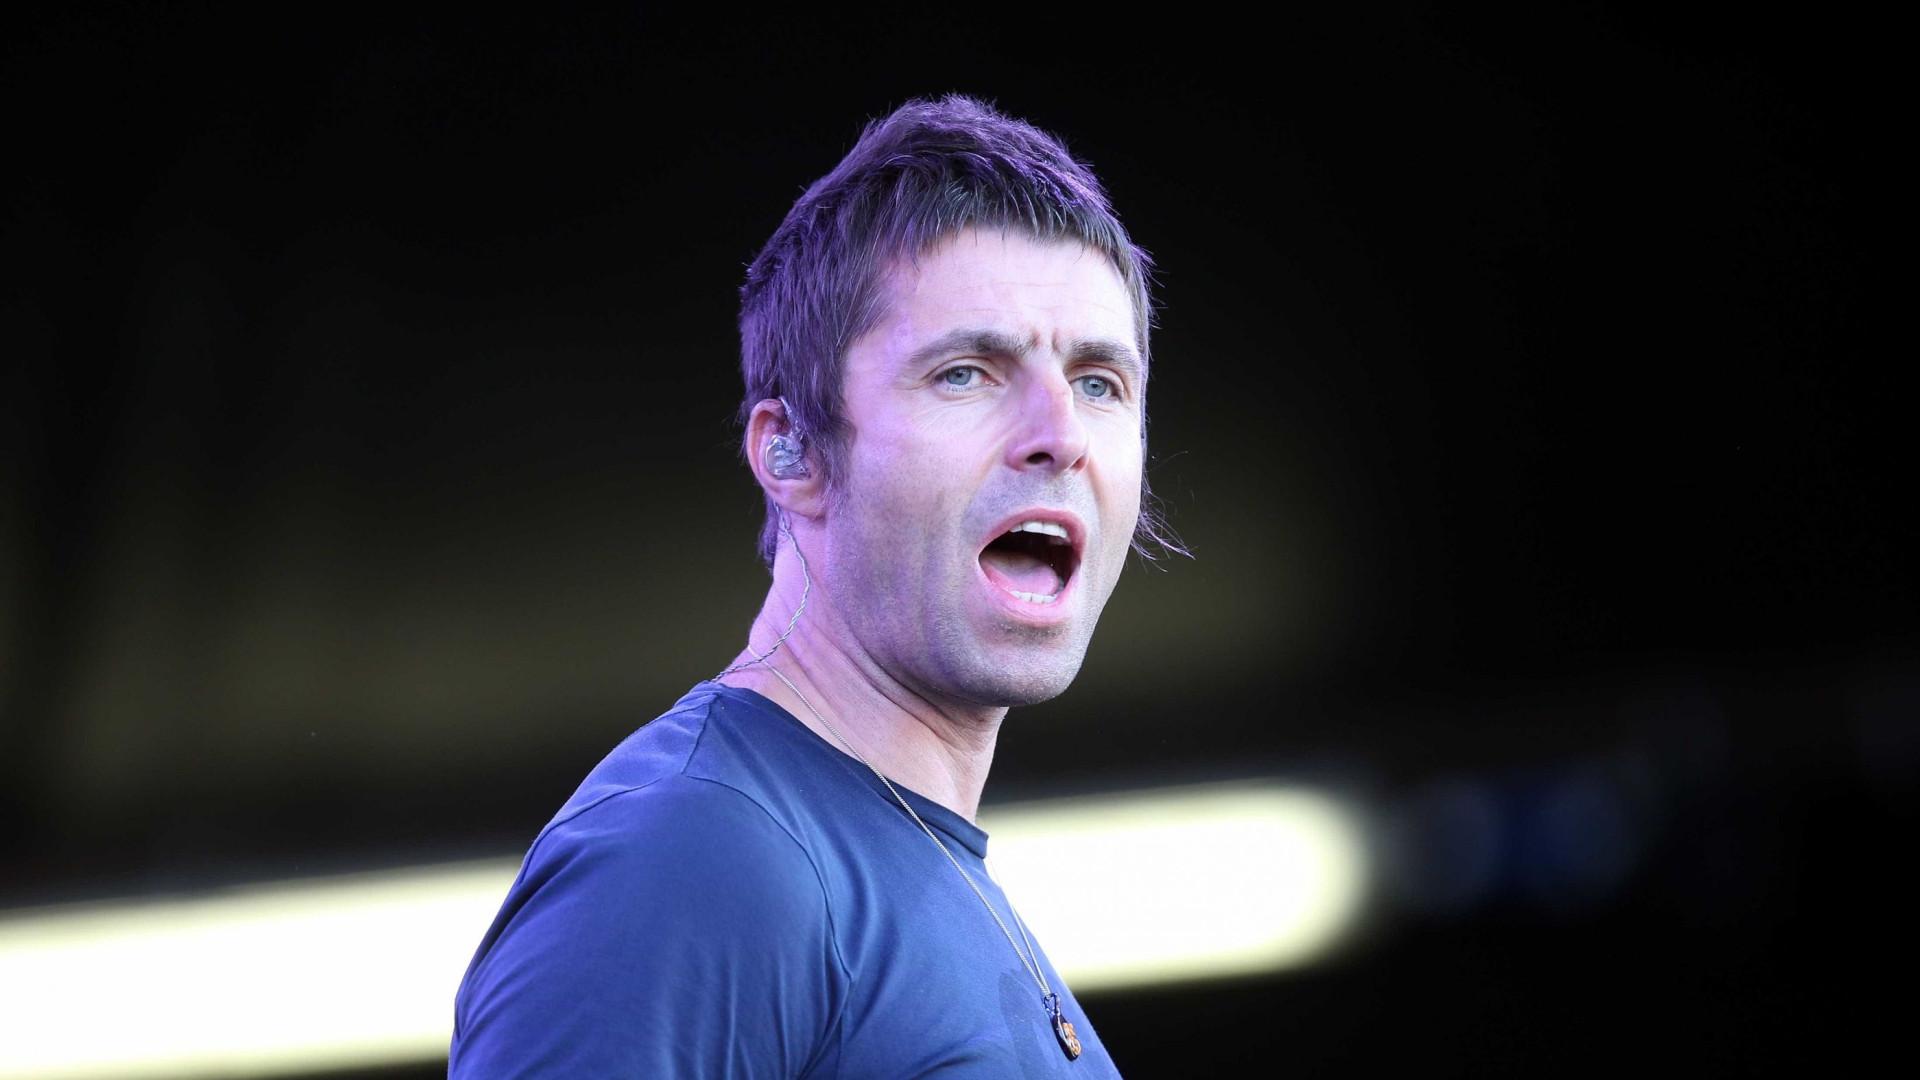 Liam Gallagher faz escultura gigante para ajudar instituição